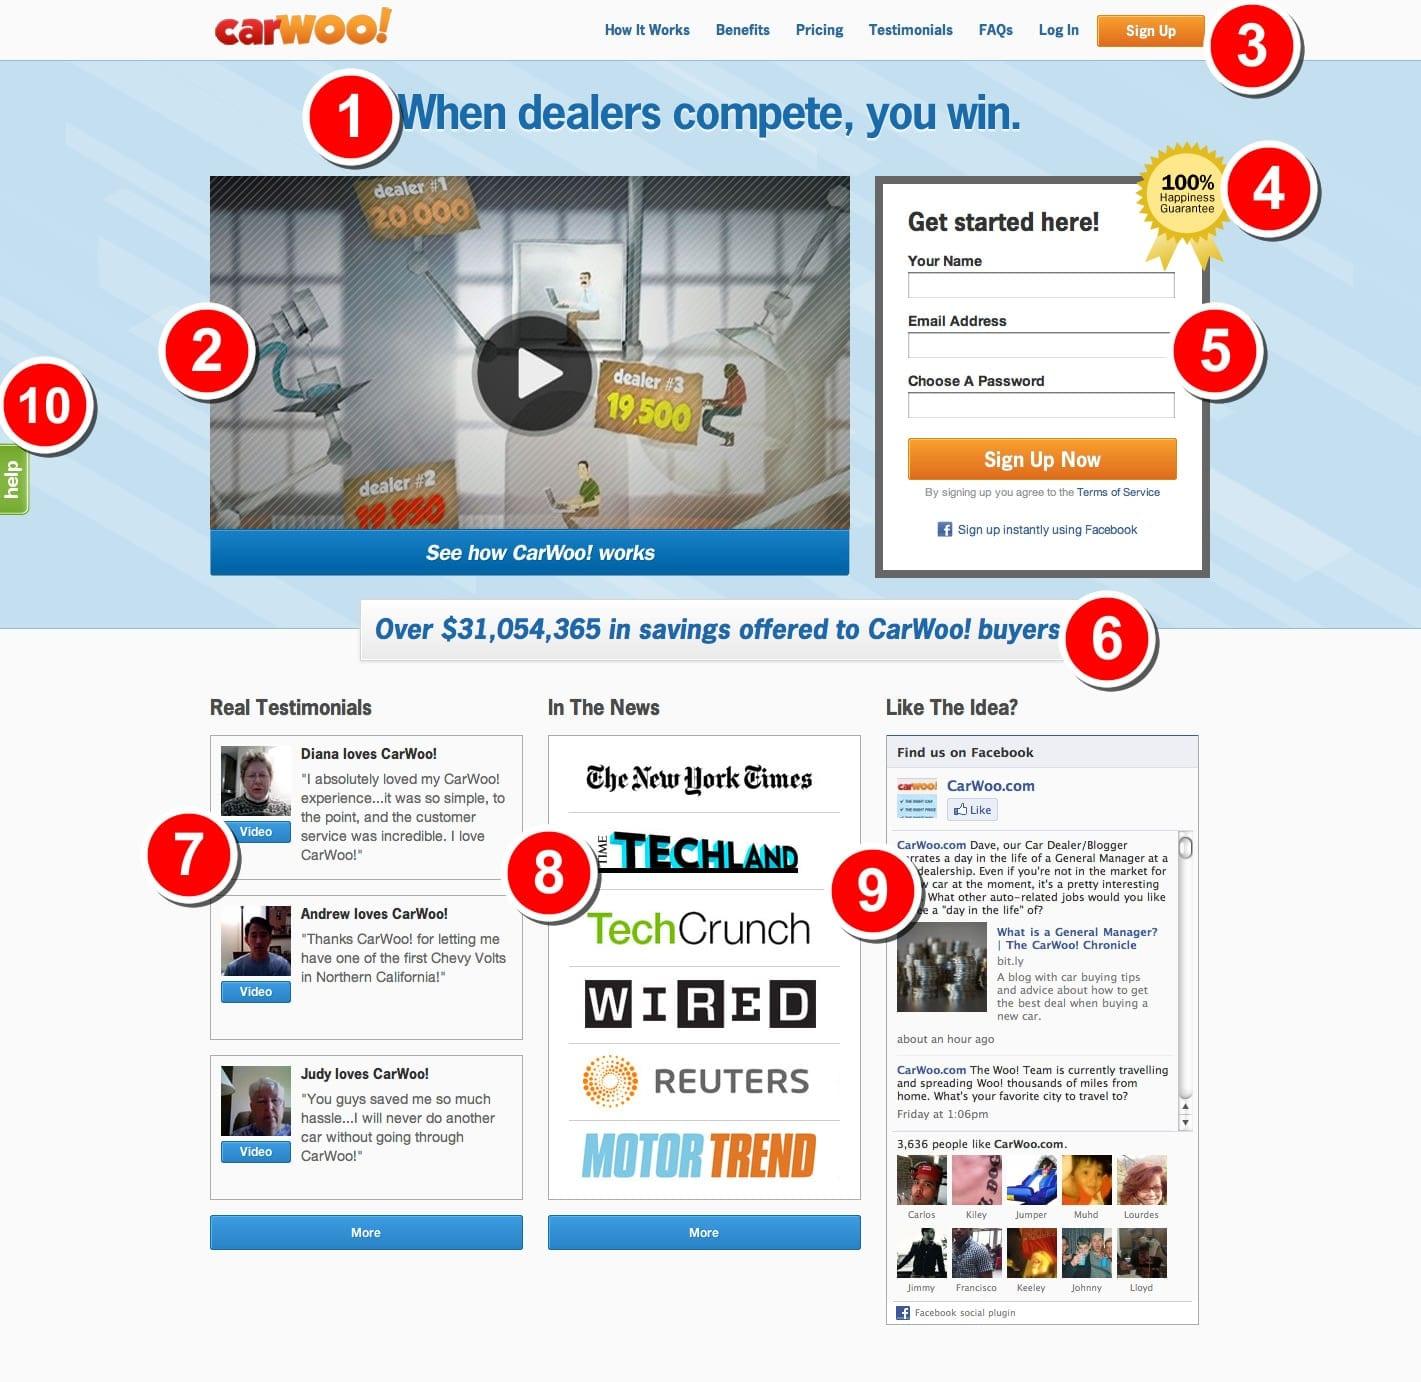 Les 4 fondamentaux d'une bonne landing page + 5 exemples 5